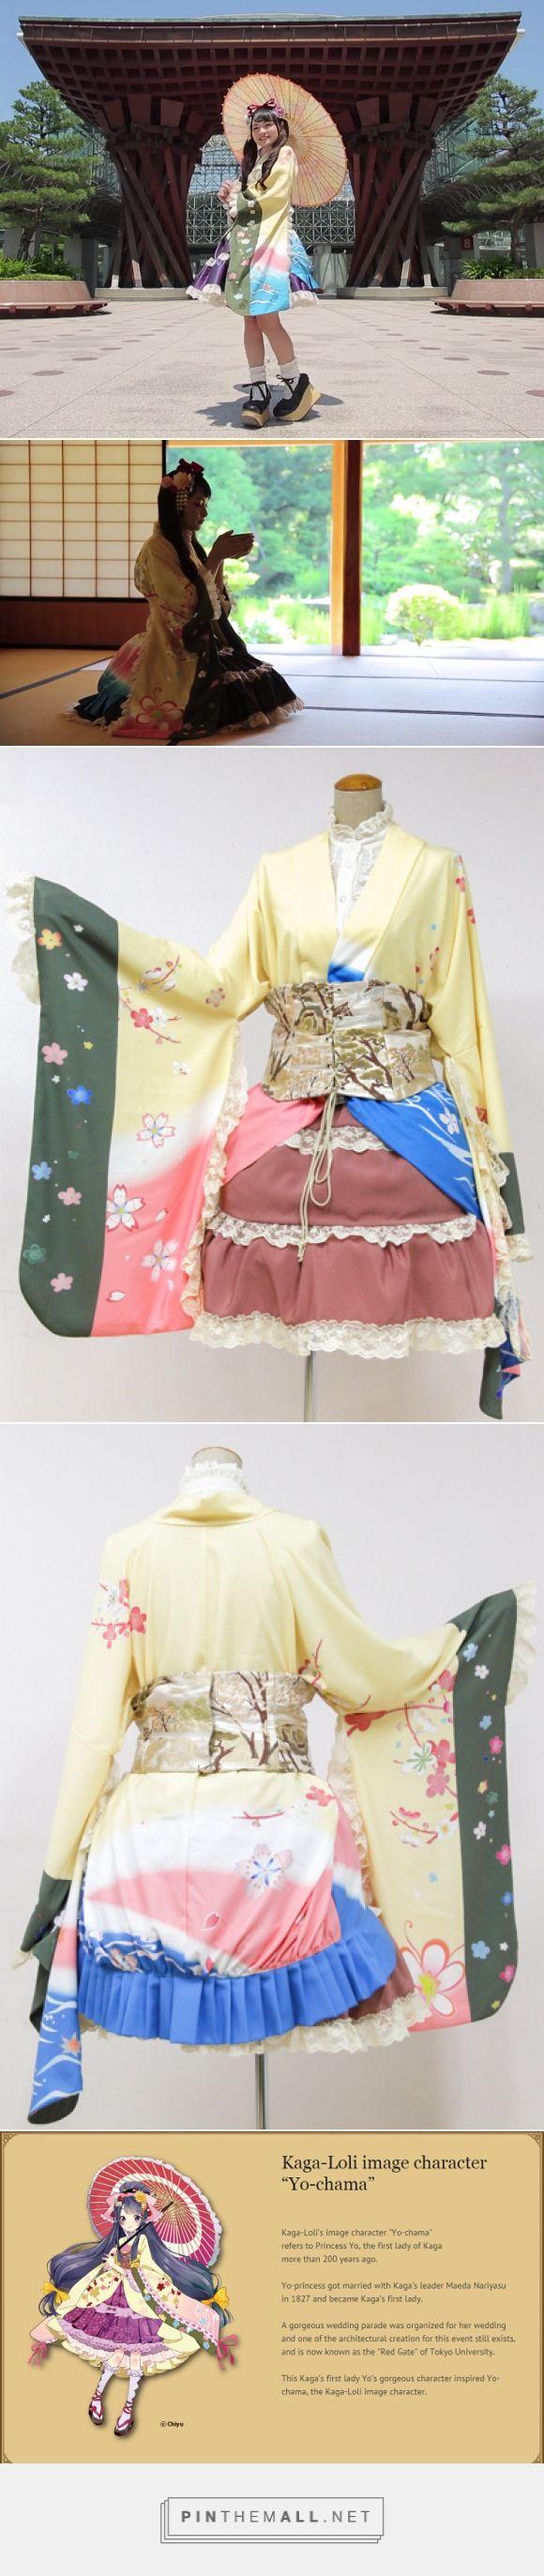 Kawaii! Gaun mengagumkan ini menggabungkan gaya lolita dan tradisional Jepang! | Japanese Station | Portal Berita Jepang - created via http://pinthemall.net